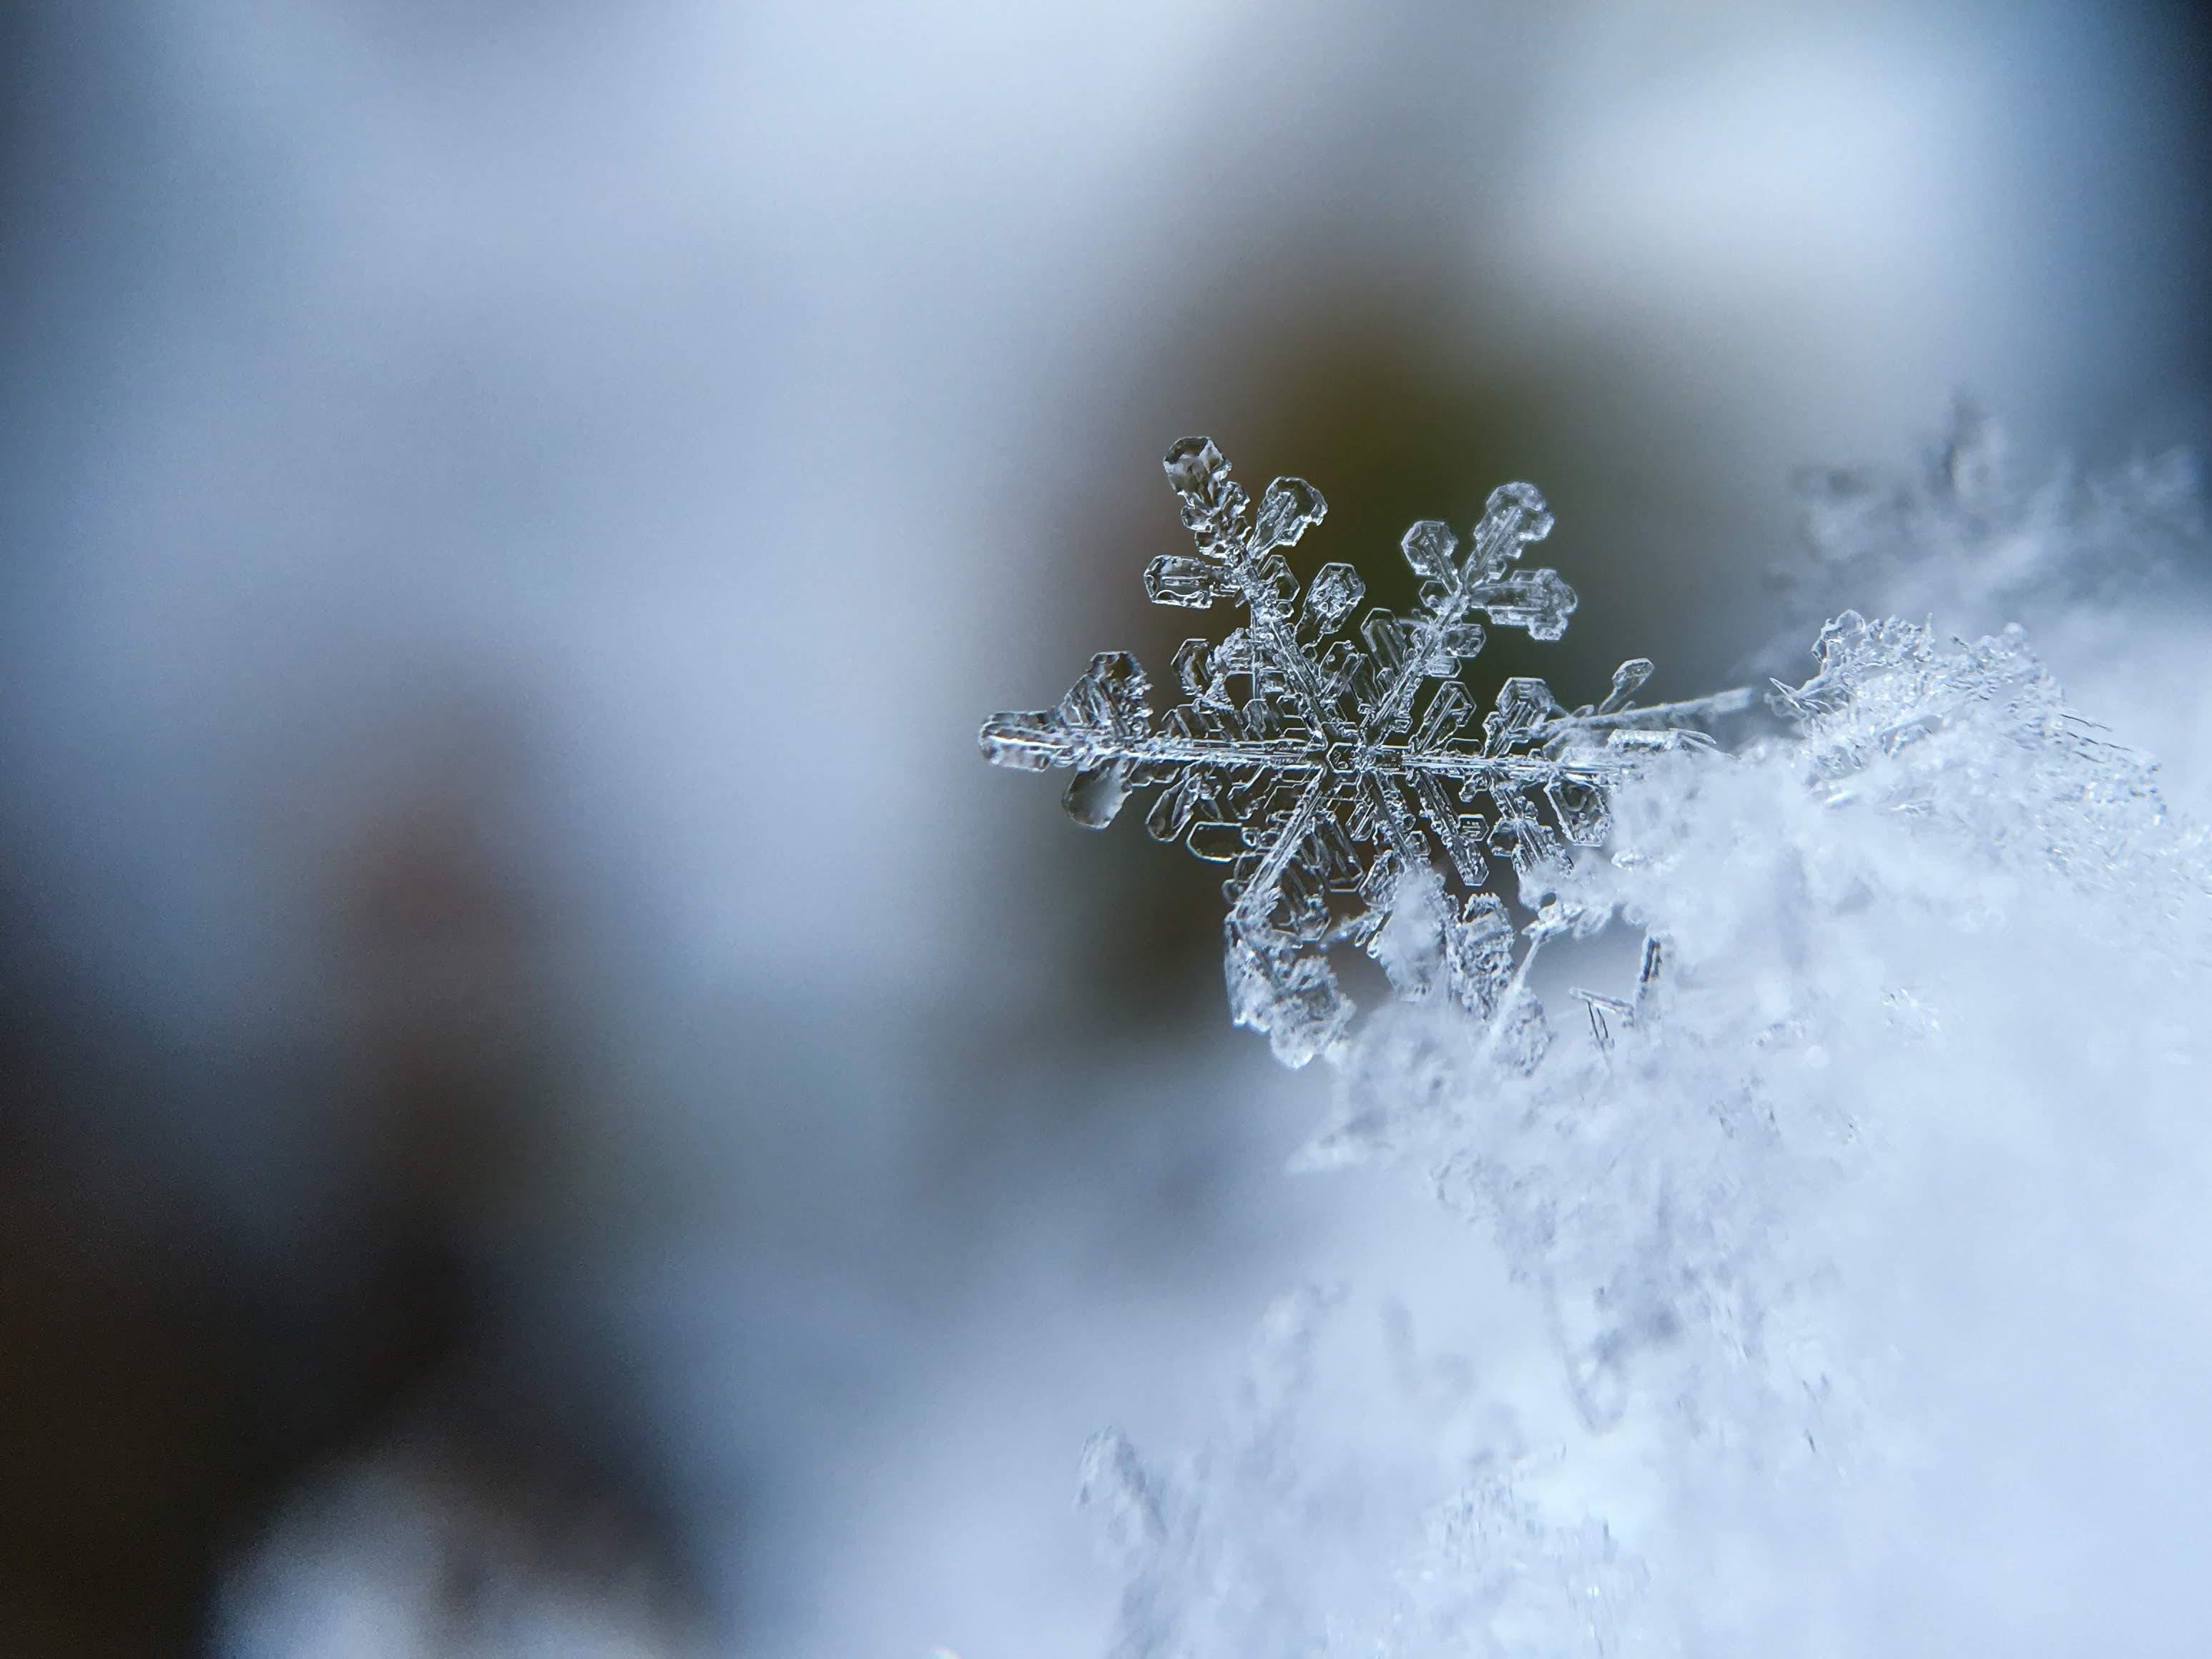 Ξάνθη: Σε ποιά περιοχή το θερμόμετρο έδειξε -5 βαθμούς - Έρχονται χιόνια